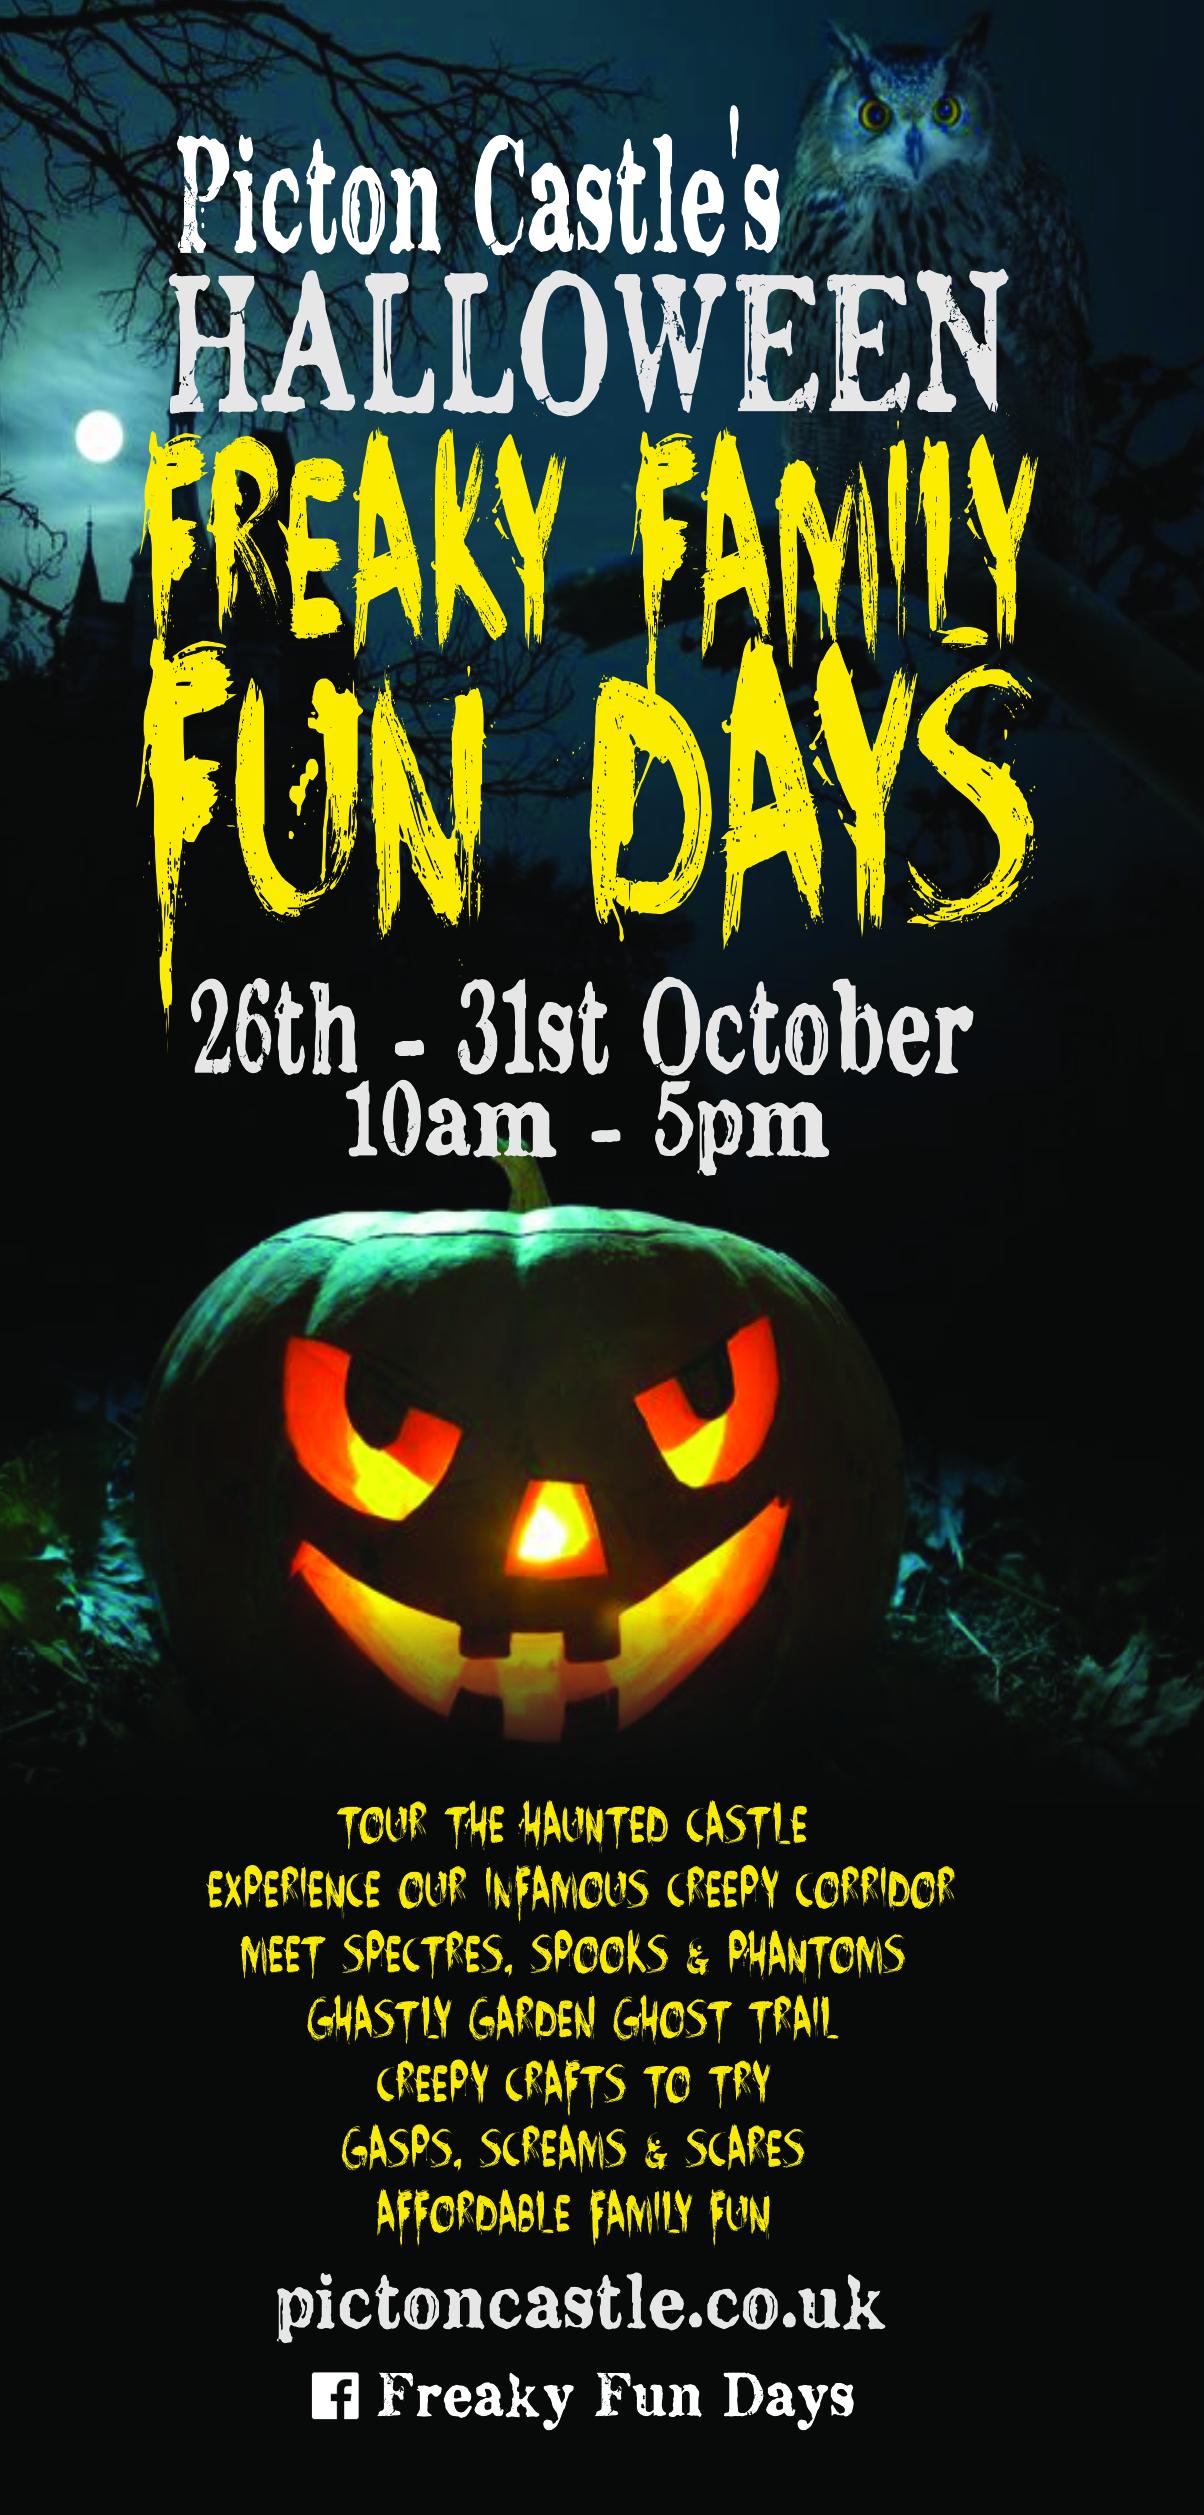 halloween freaky fun days for kids - picton castle & gardens